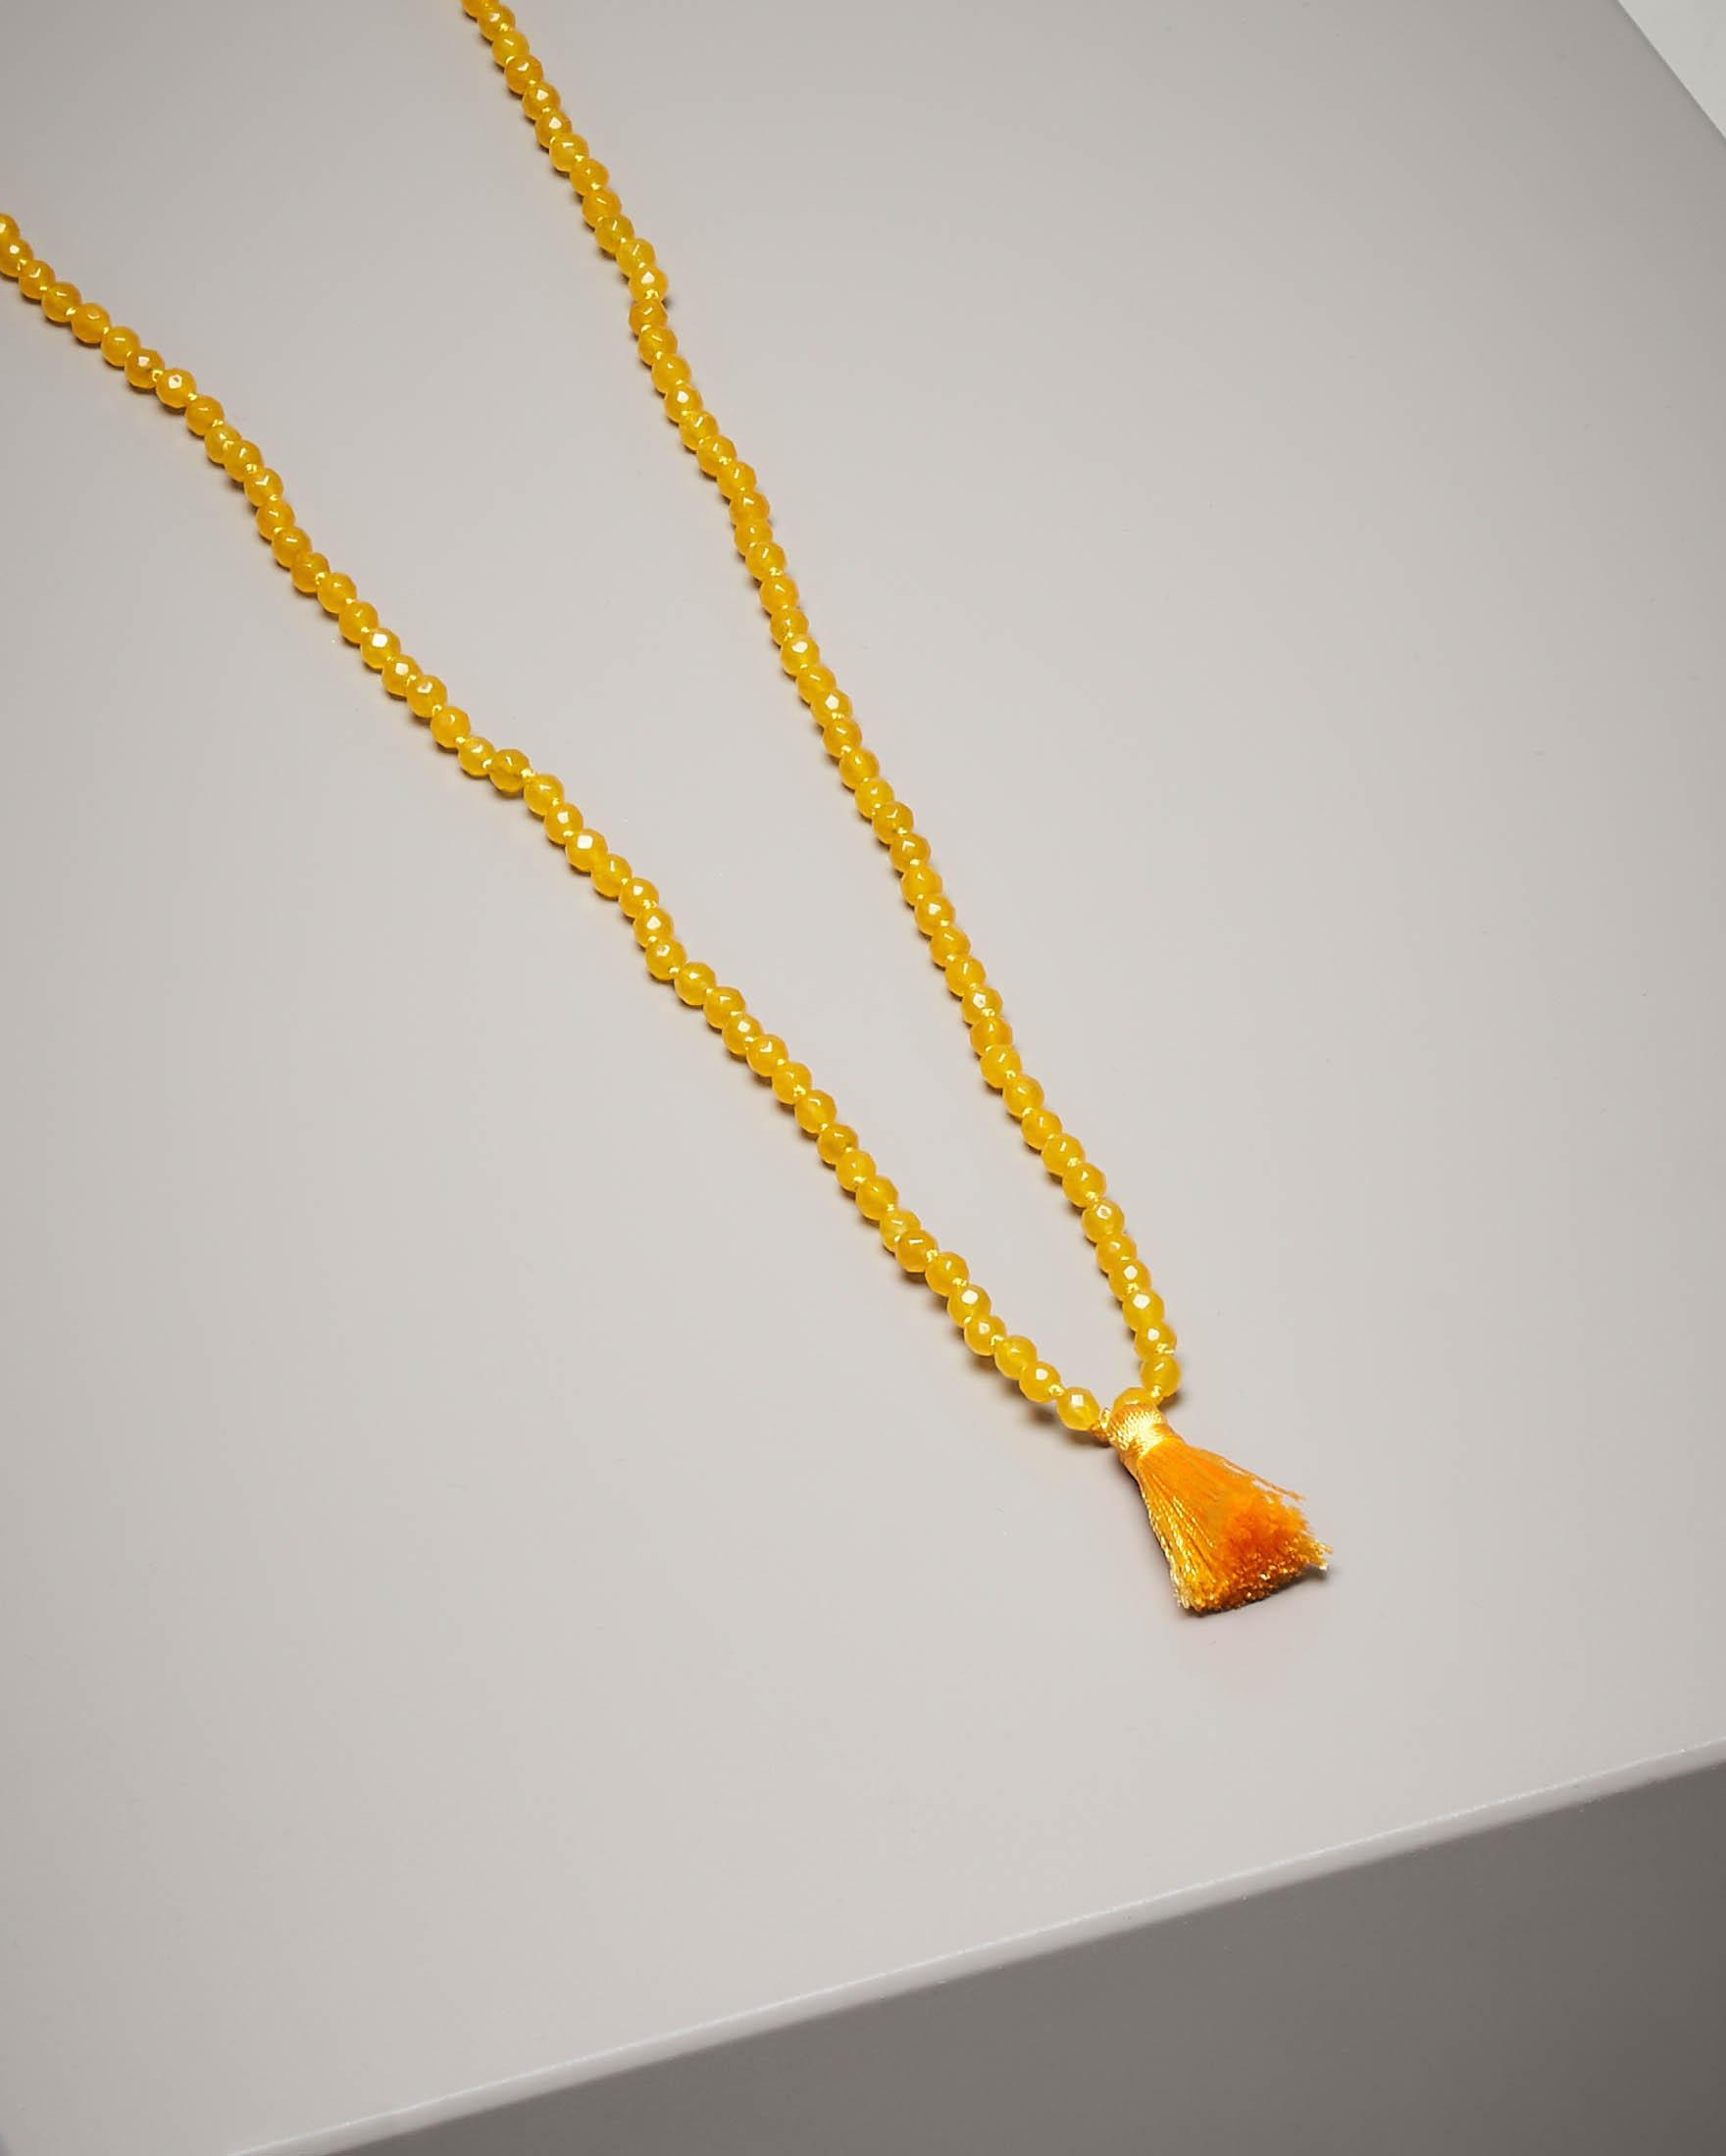 Collana di pietre dure con nappina colore giallo